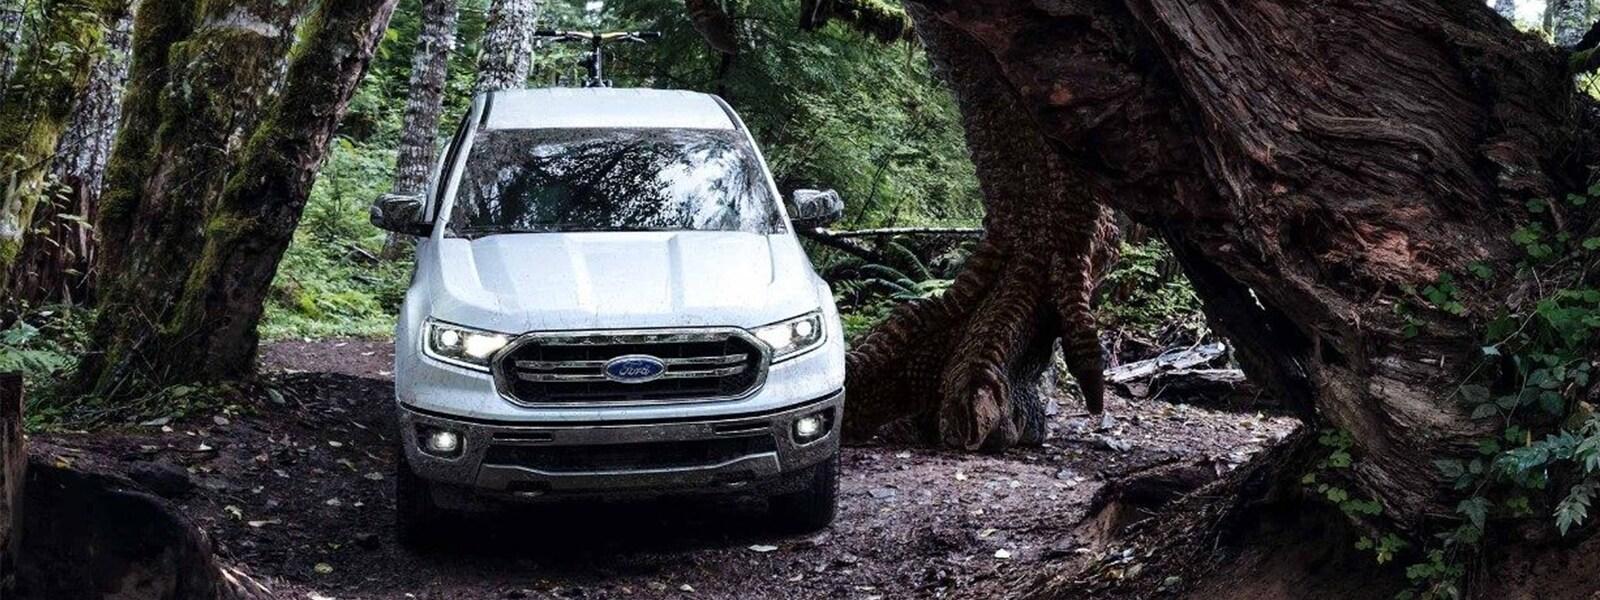 Ford Dealers Nj >> 2019 Ford Ranger Echelon Ford Ford Dealer In Nj